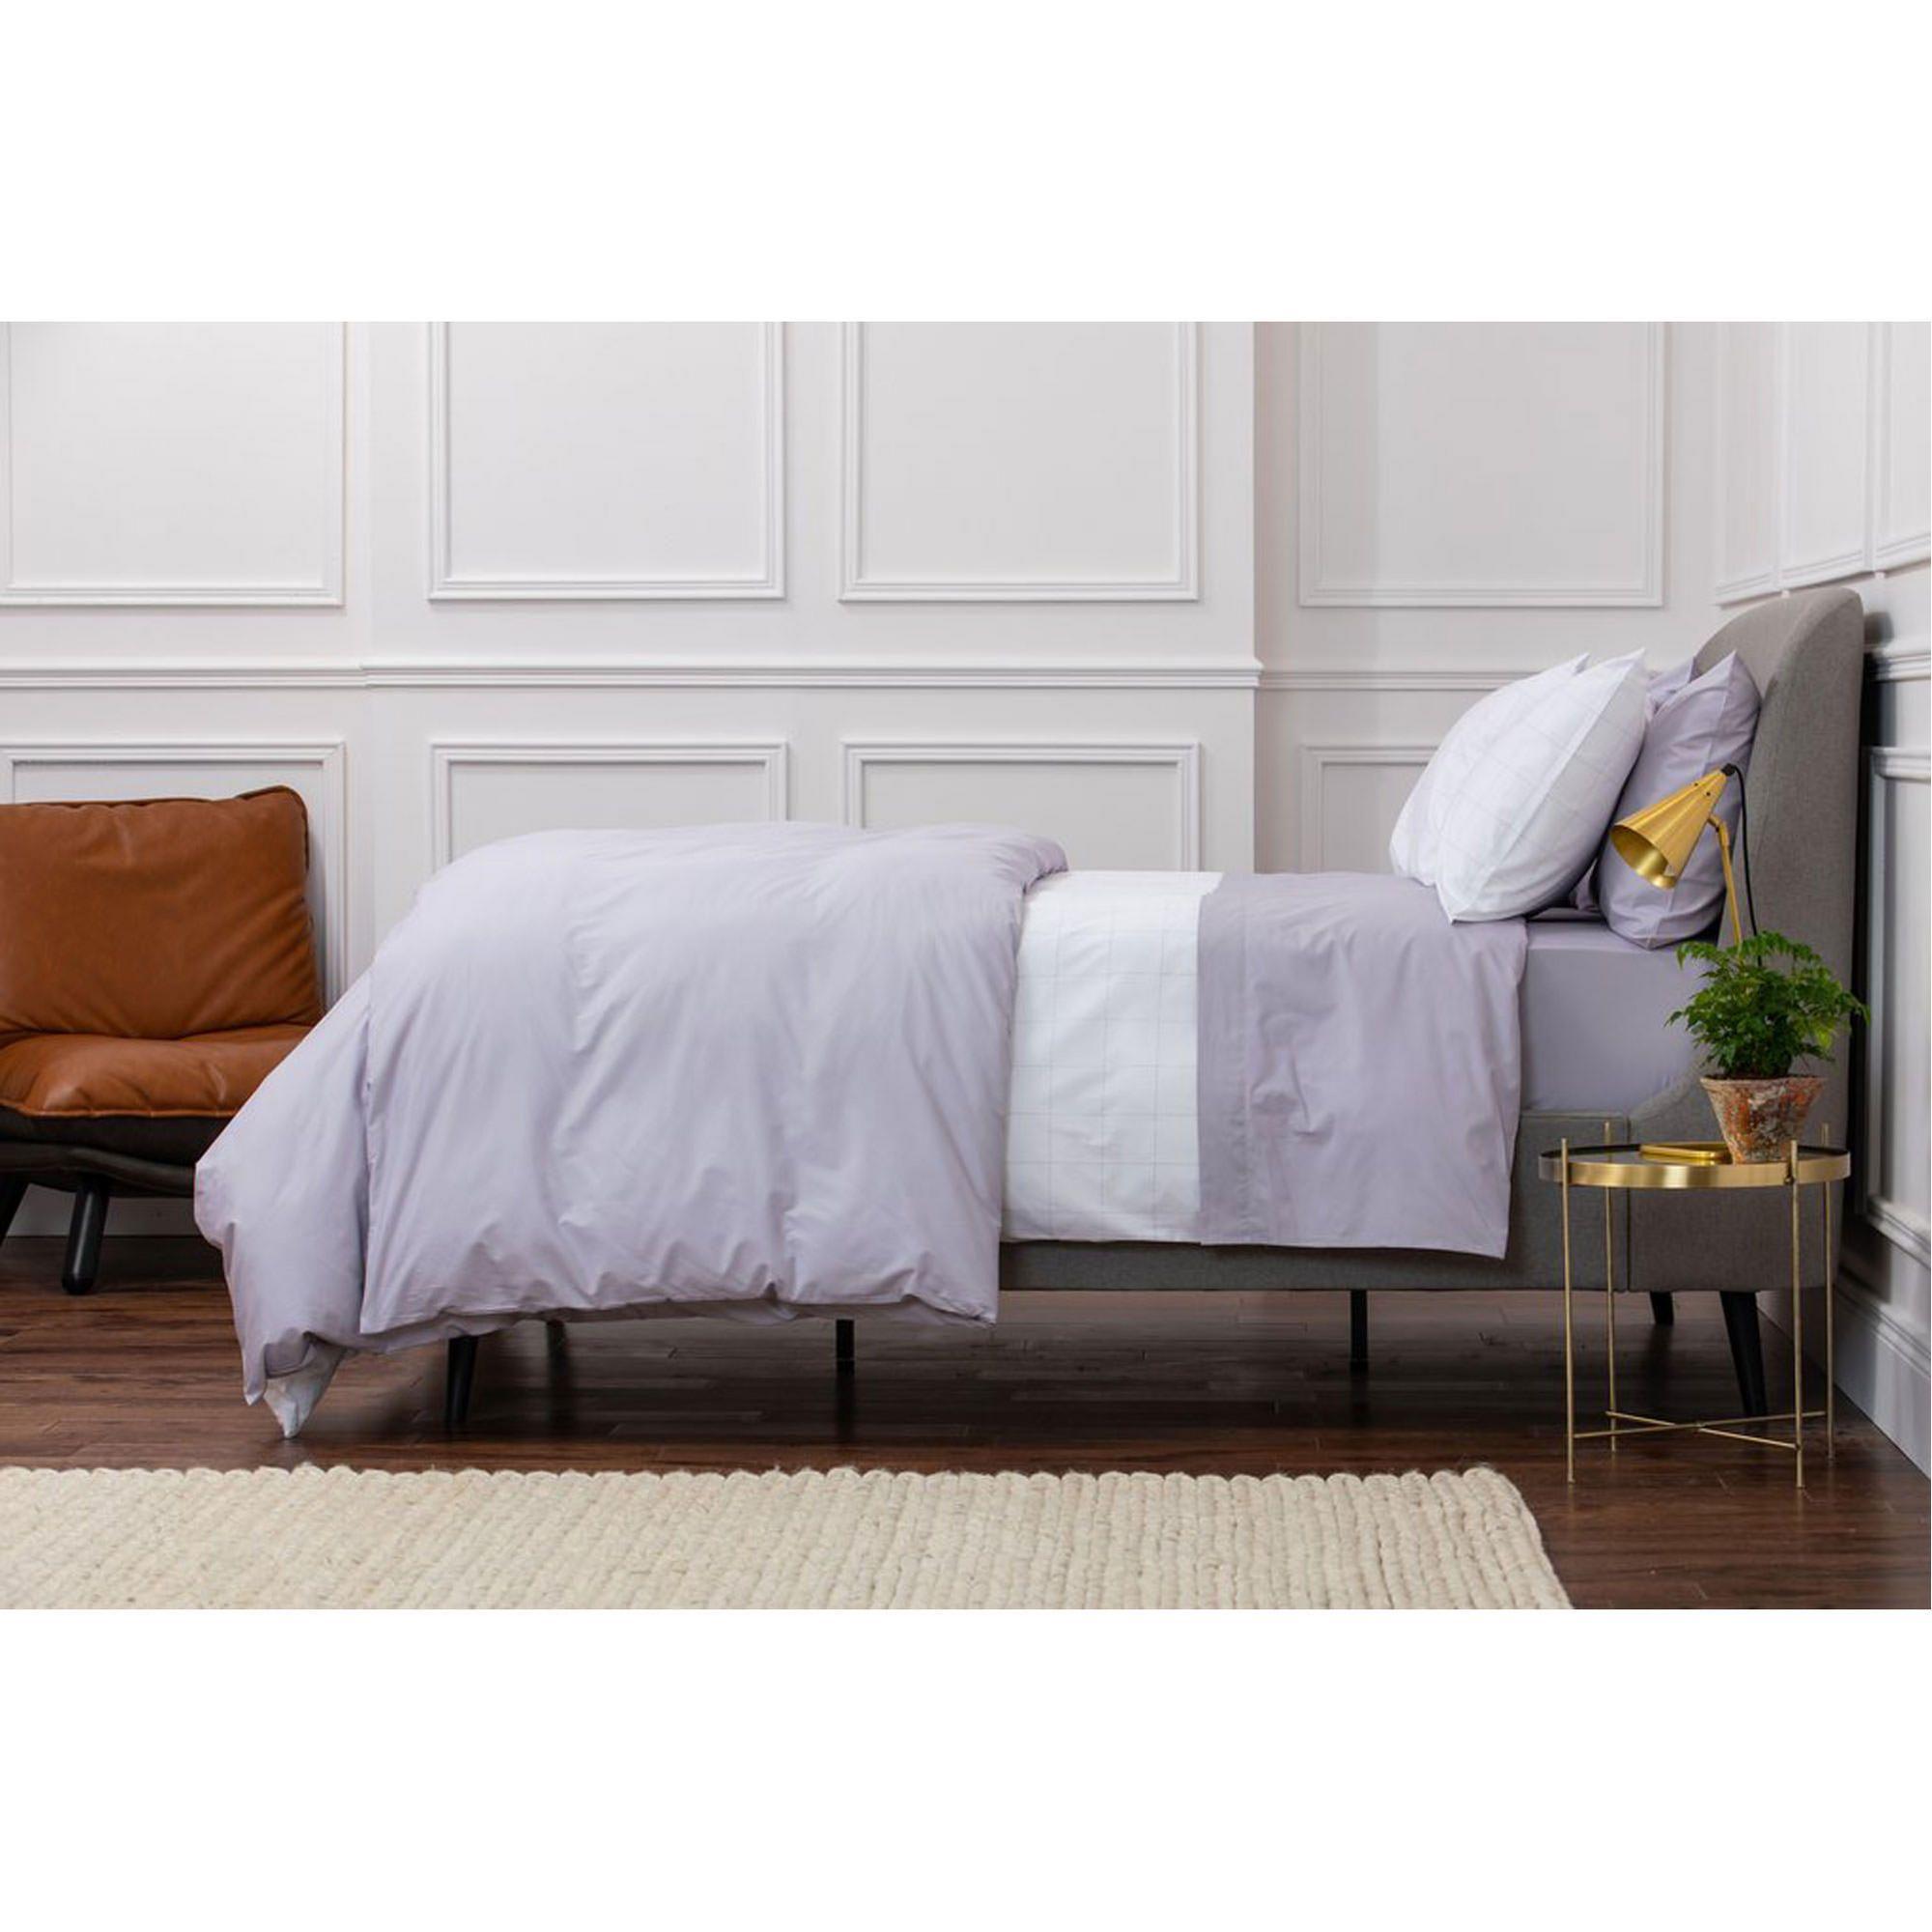 Plain Dye Duvet Cover Bedroom In 2019 Bedroom Accessories